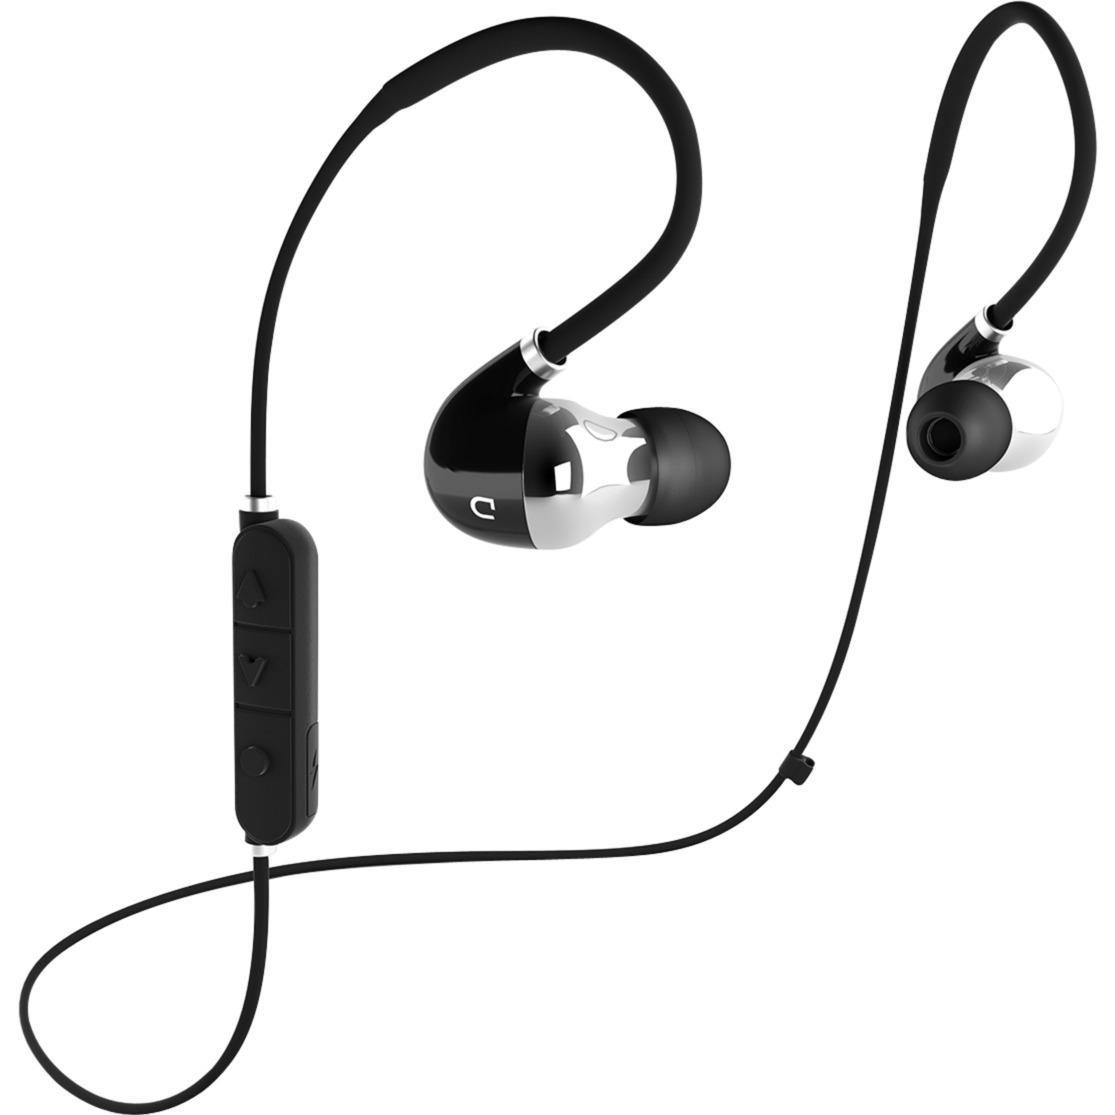 D MOVE Dentro de oído Binaurale Inalámbrico Negro, Plata auriculares para móvil